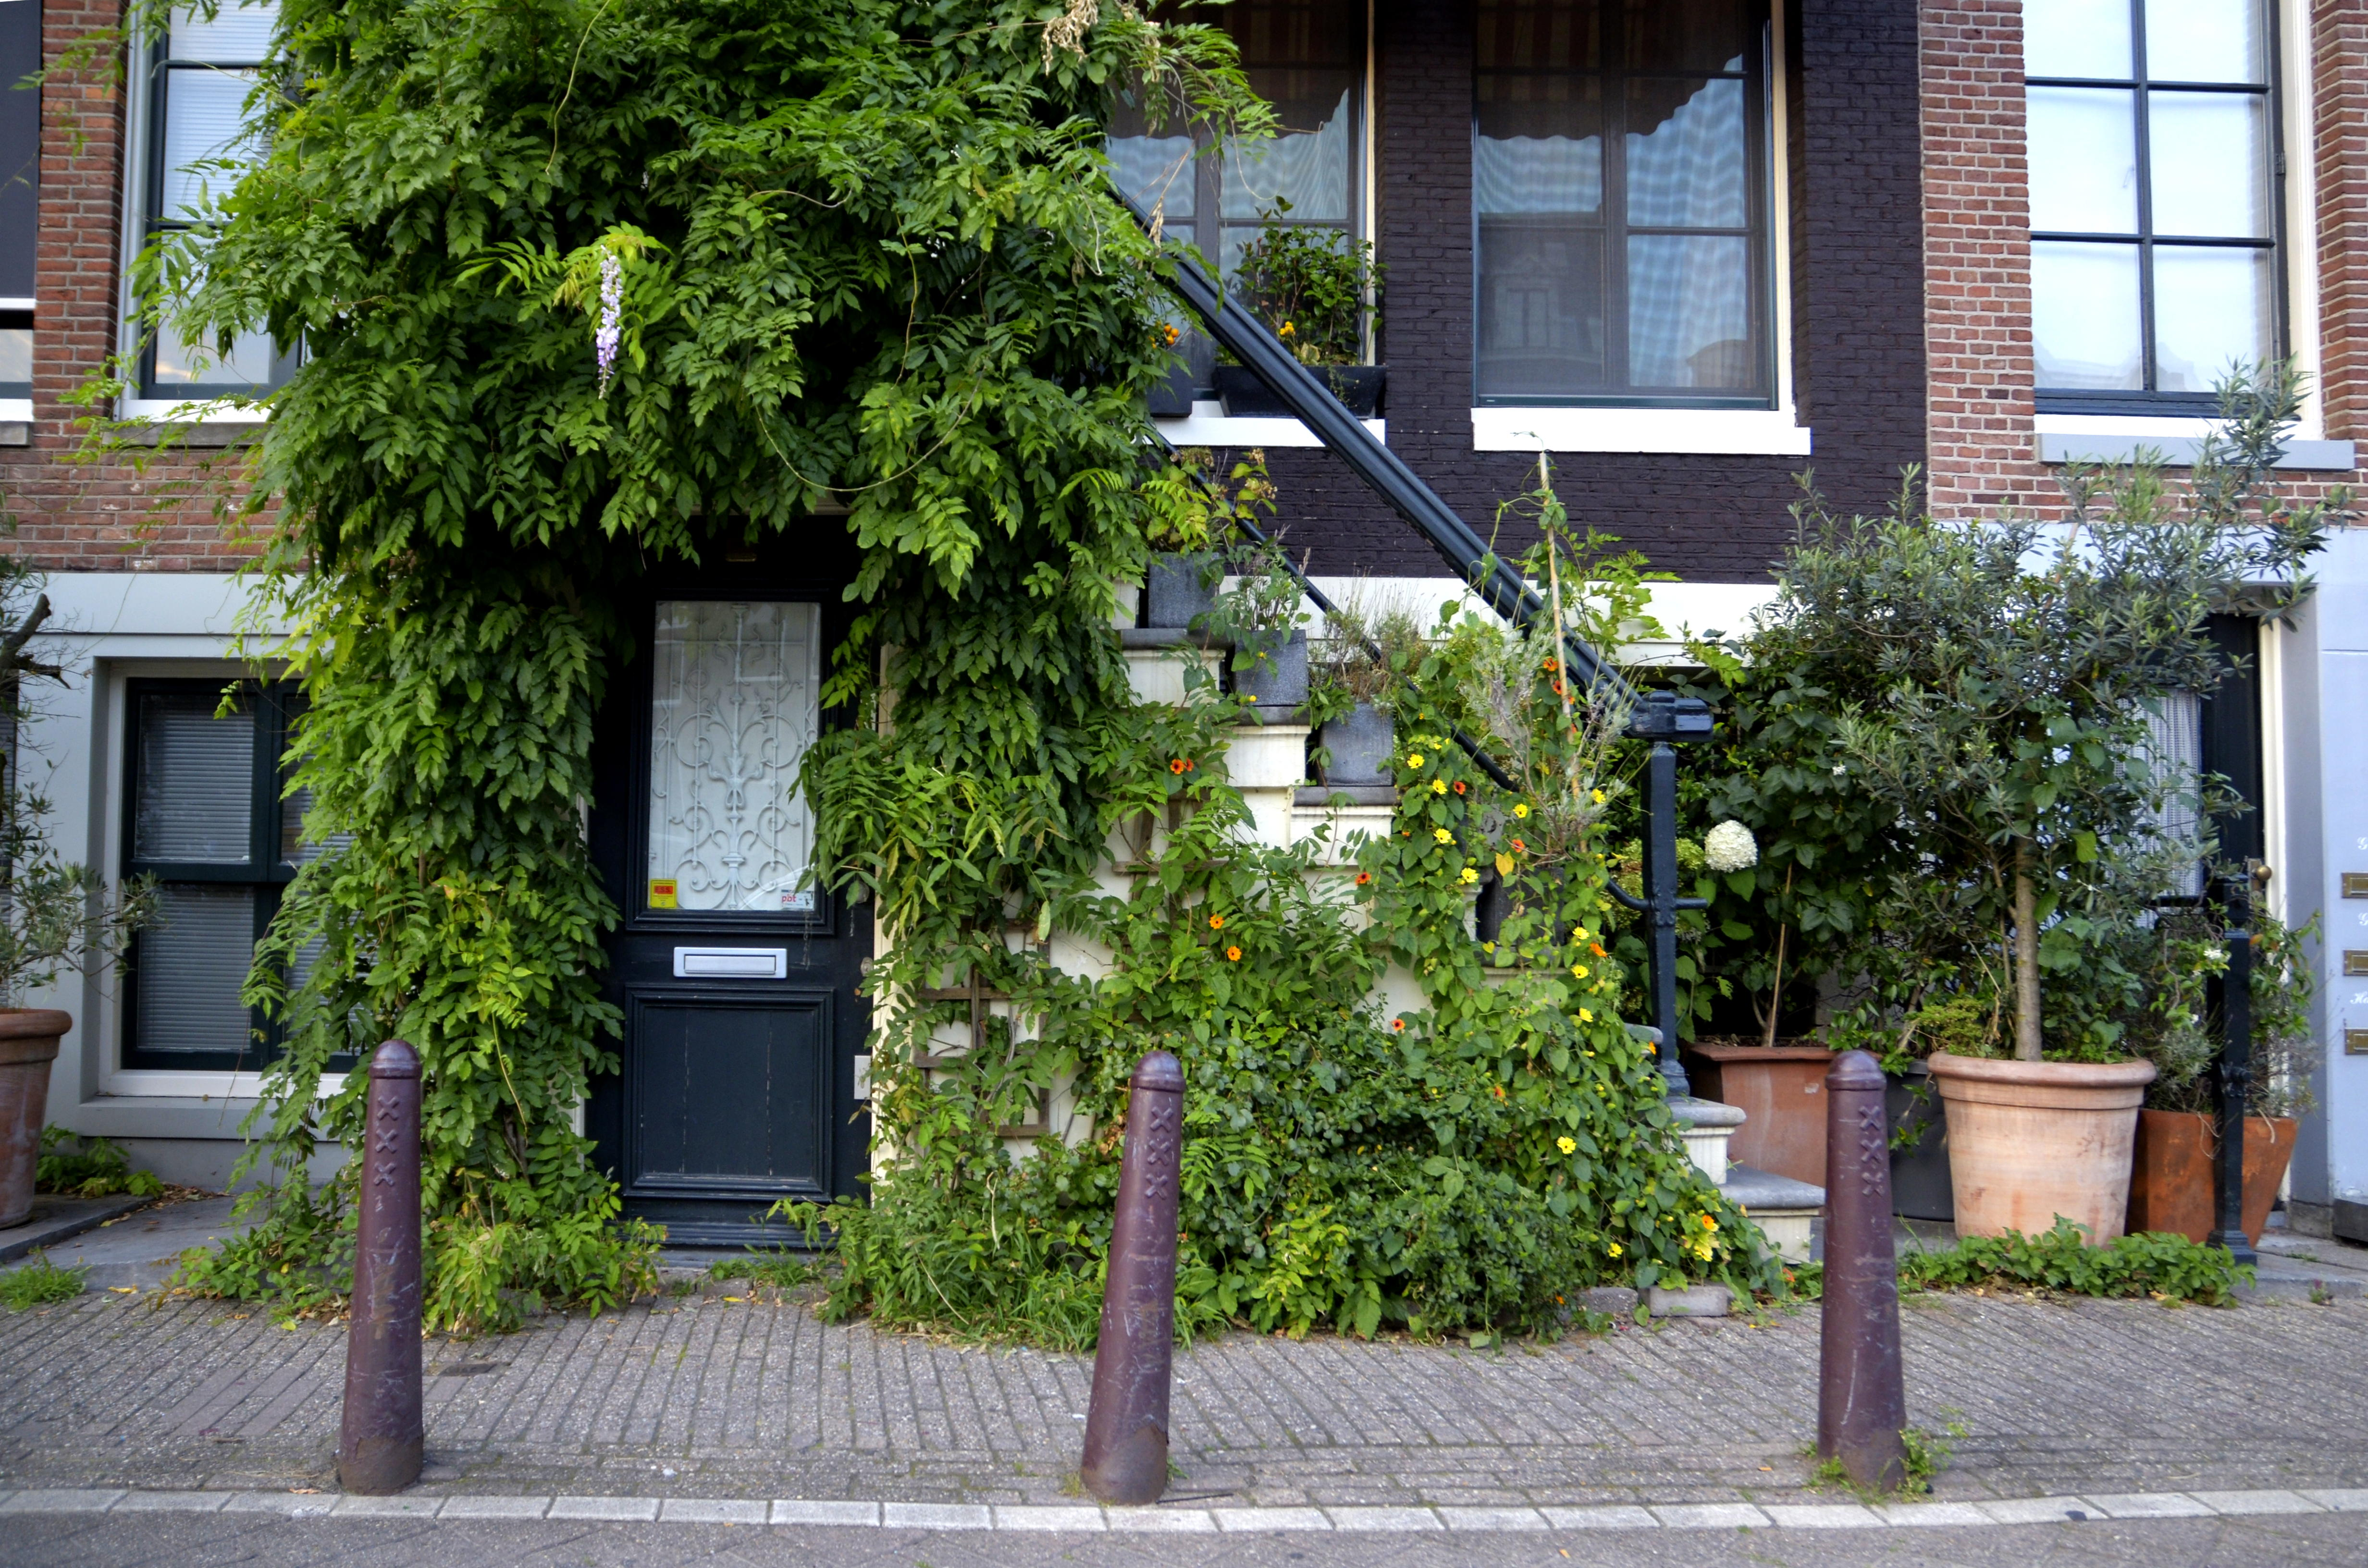 Come trovare una camera in affitto ad amsterdam for Case affitto amsterdam economici